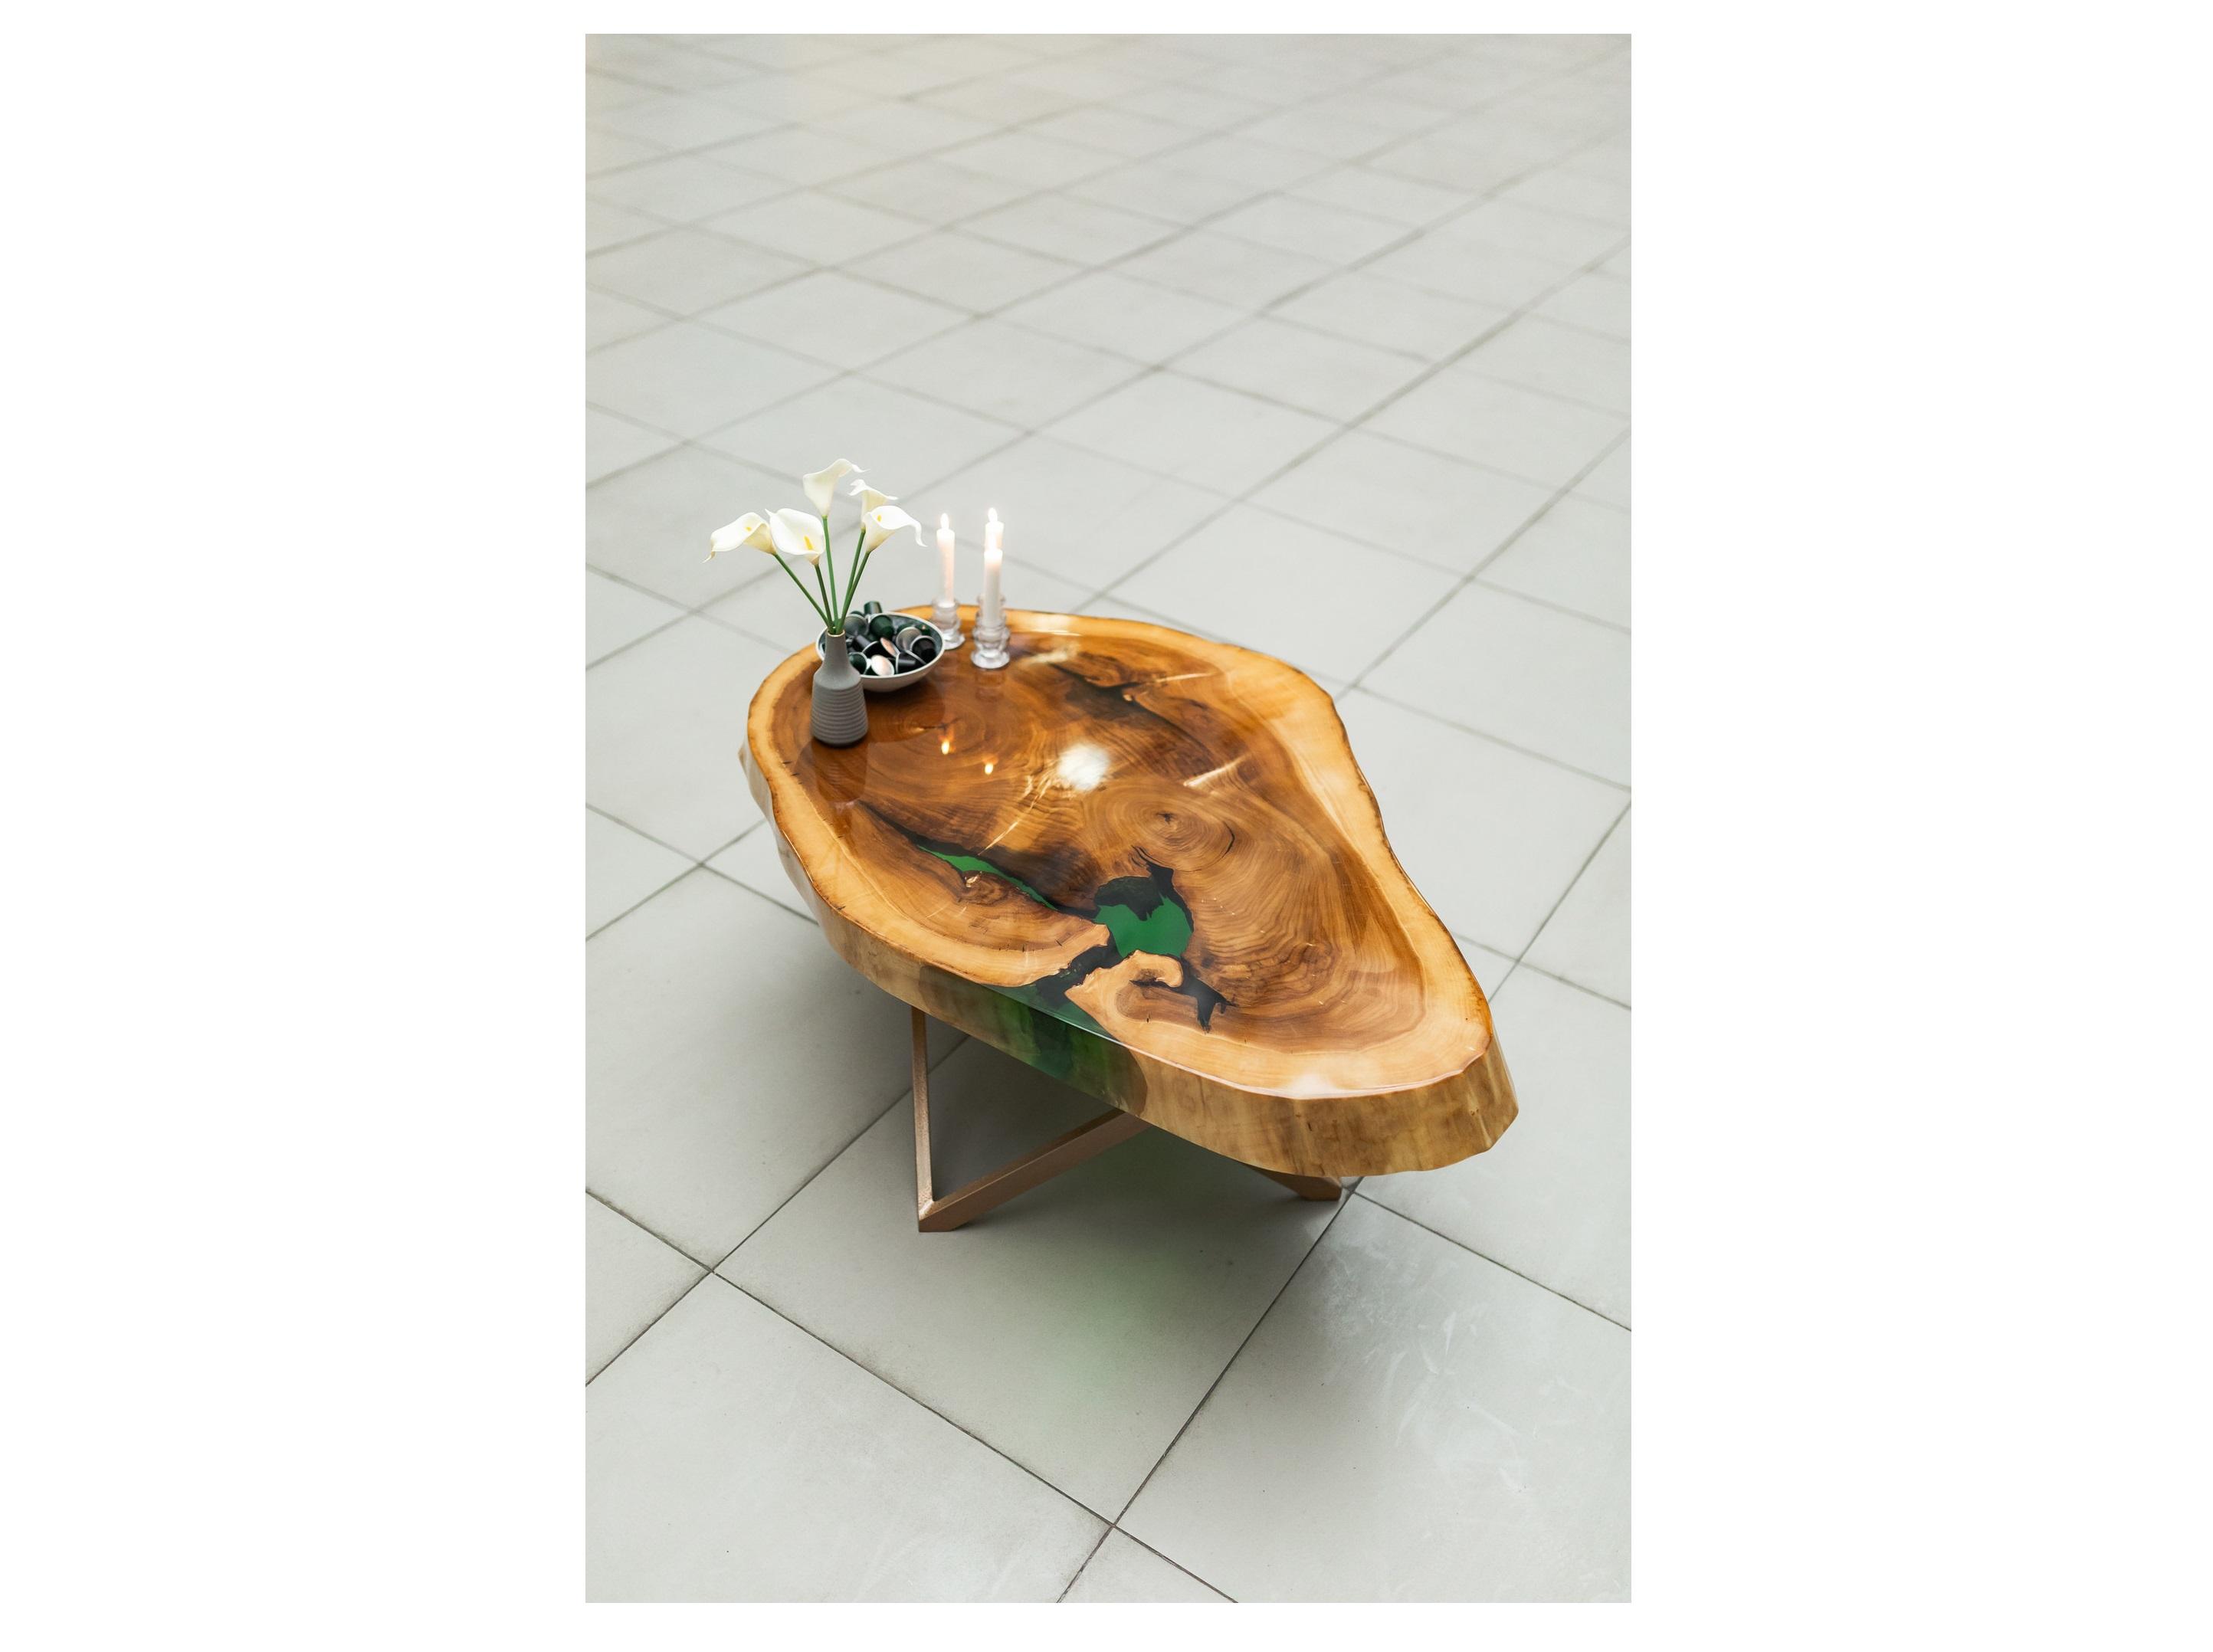 Журнальный стол (woodzpro) коричневый 80x45x120 см.